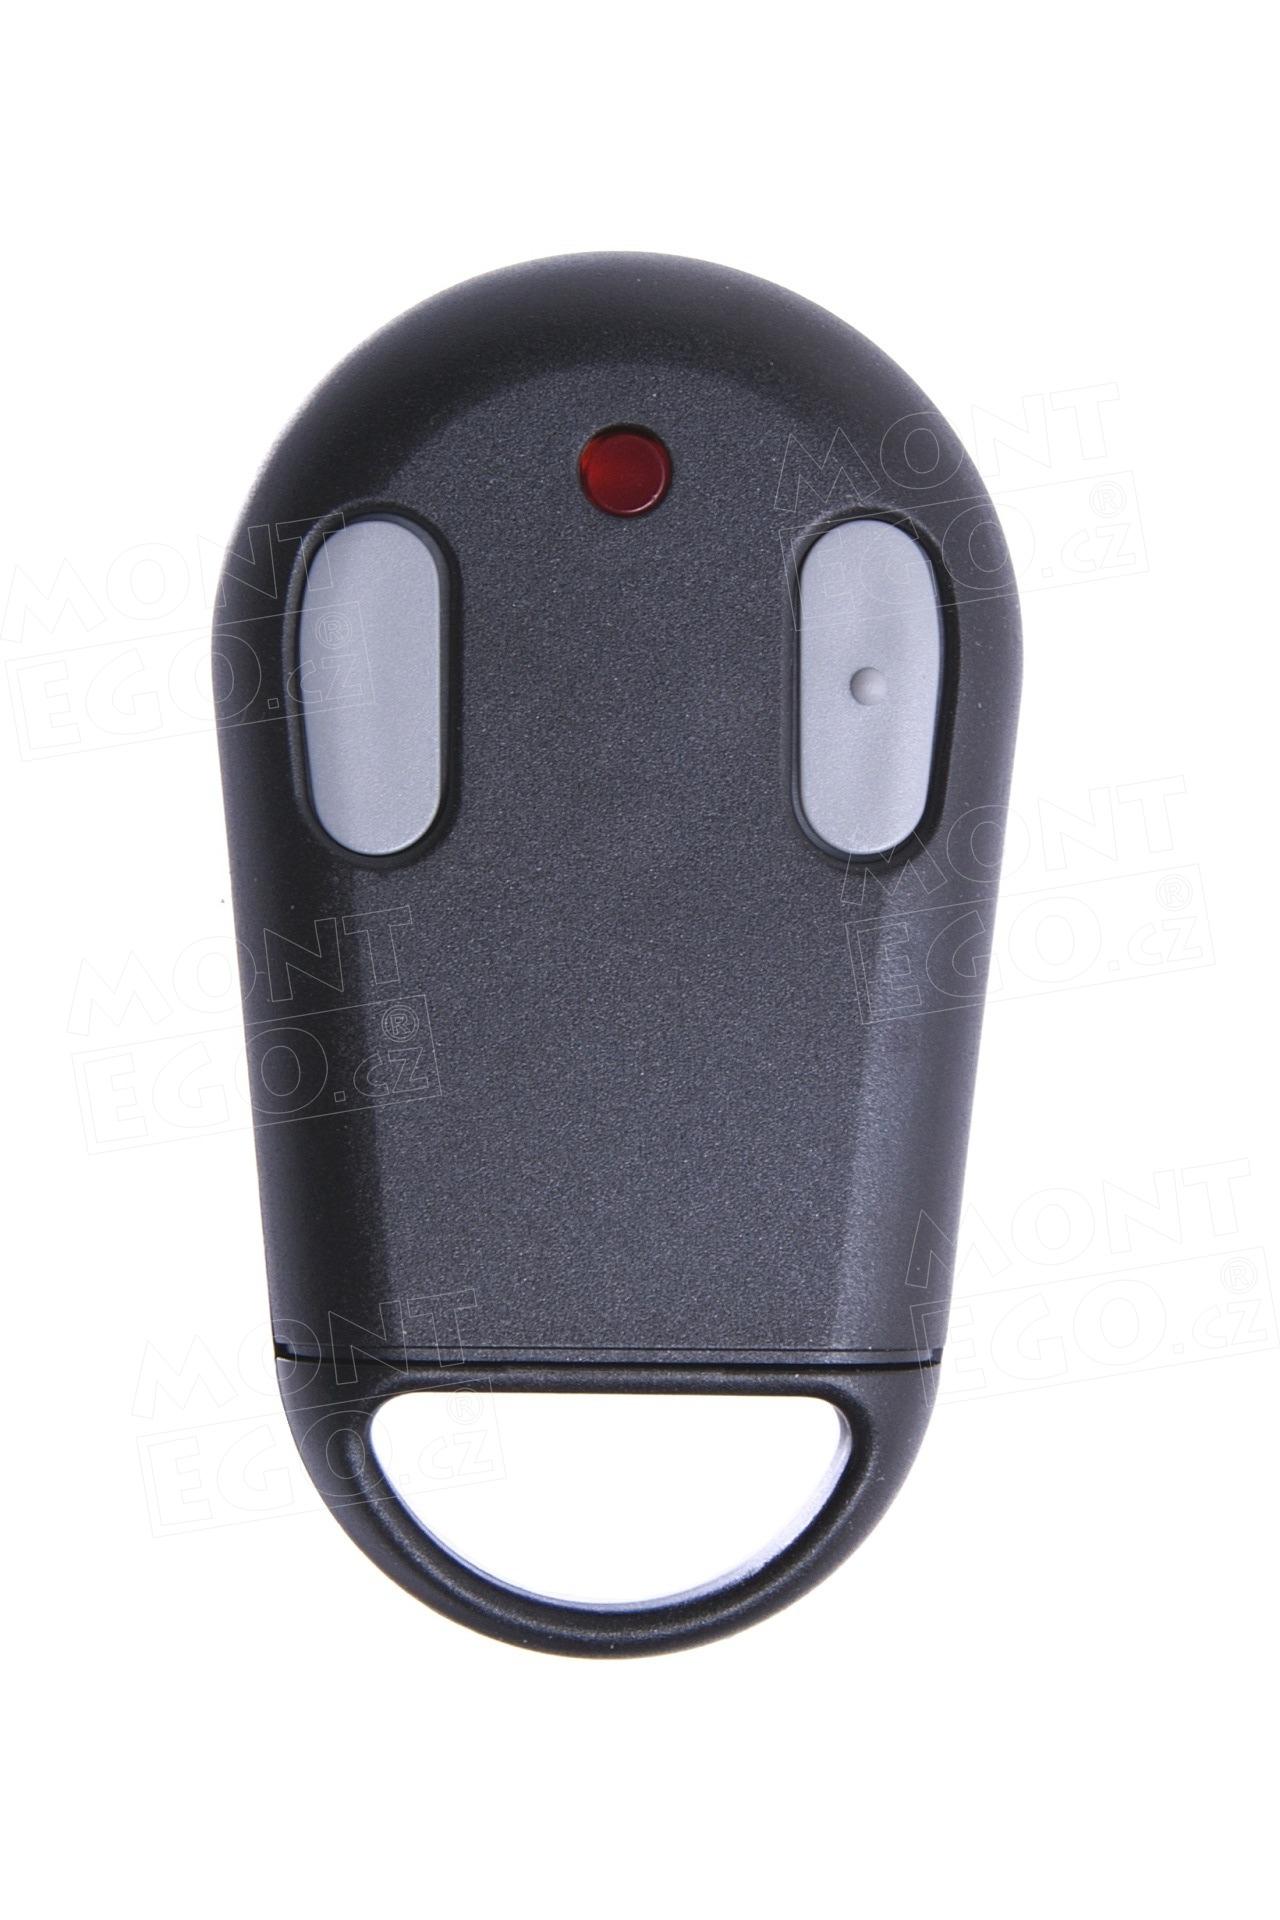 TX Key Enika kapesní ovladač vrat, mini klíčenka dvoukanálová